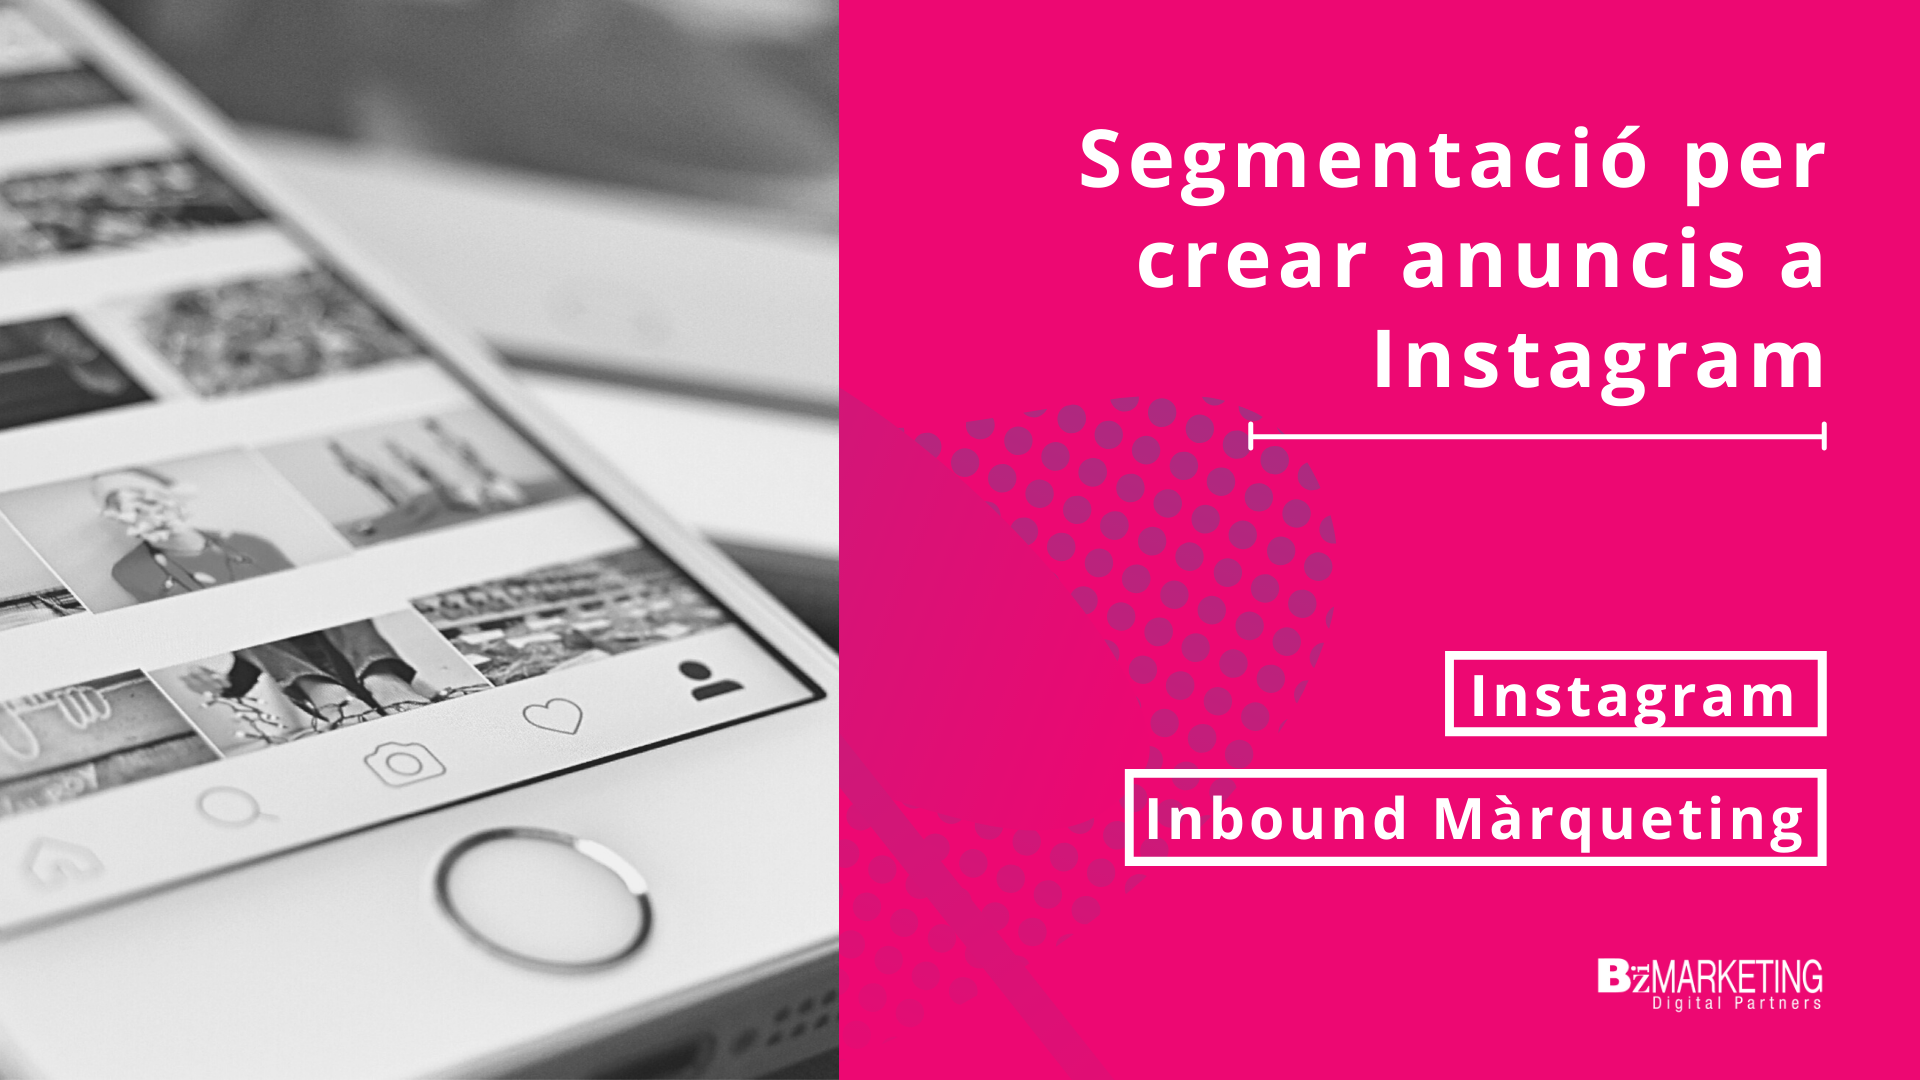 Segmentació per crear anuncis a Instagram